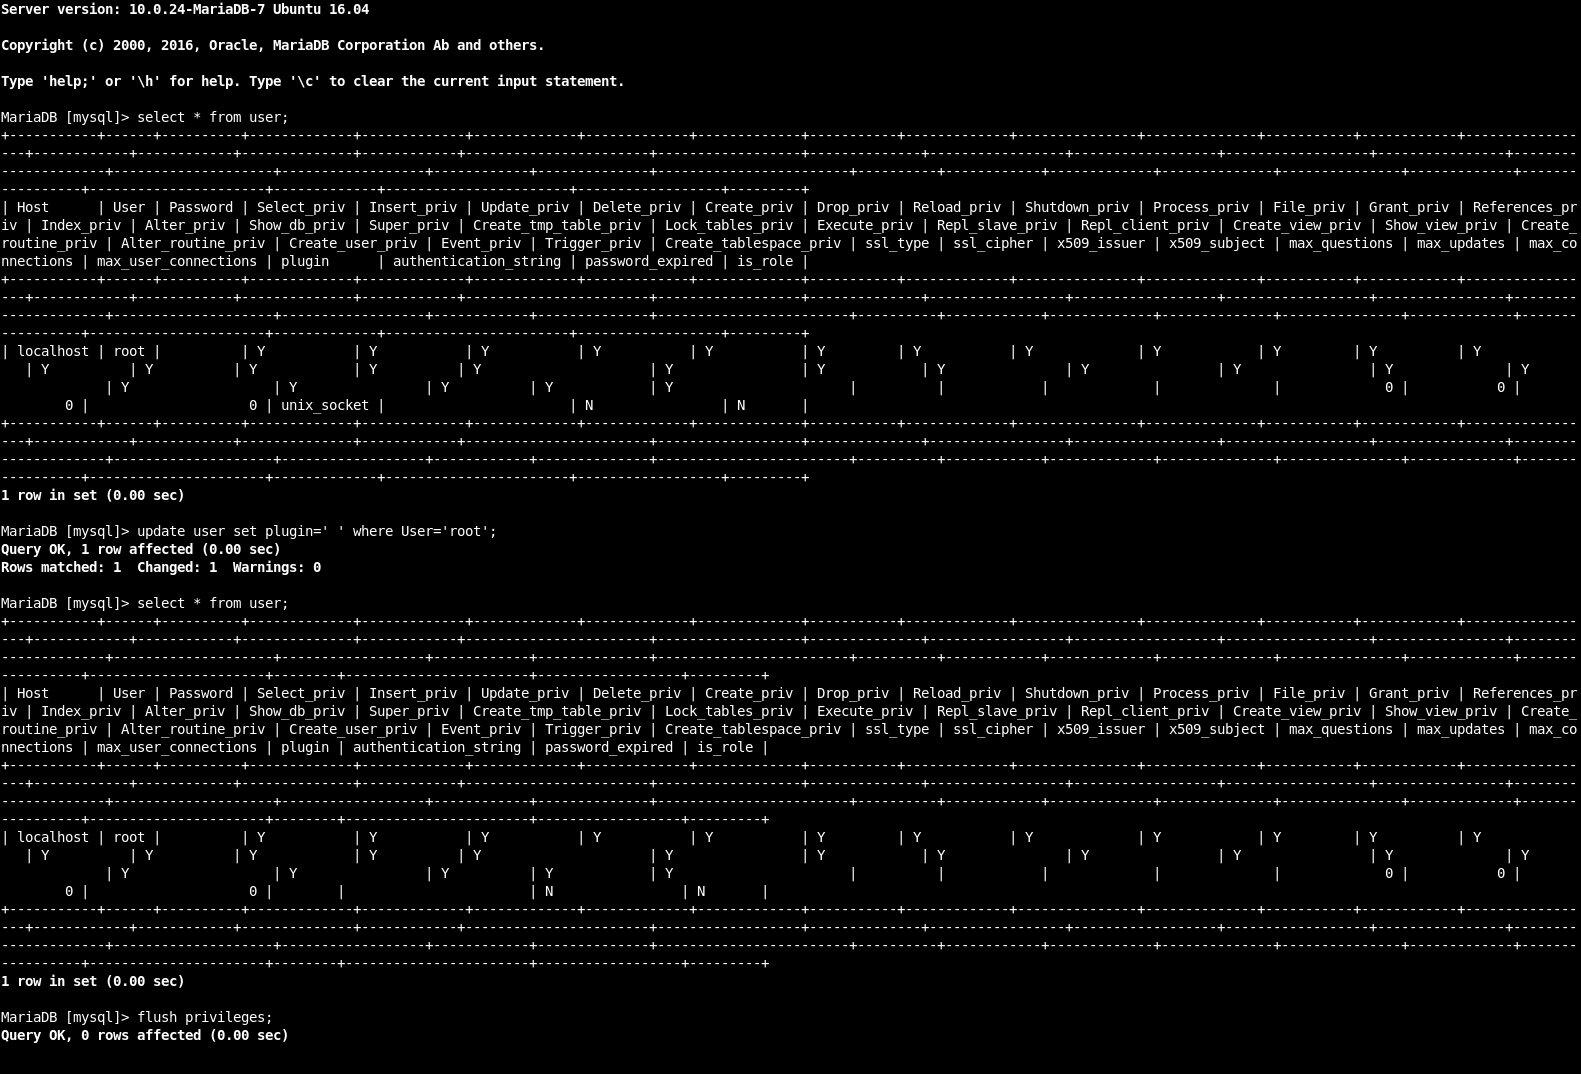 root-login ohne Kennwort auf mysql/mariadb funktioniert mit PHP nicht